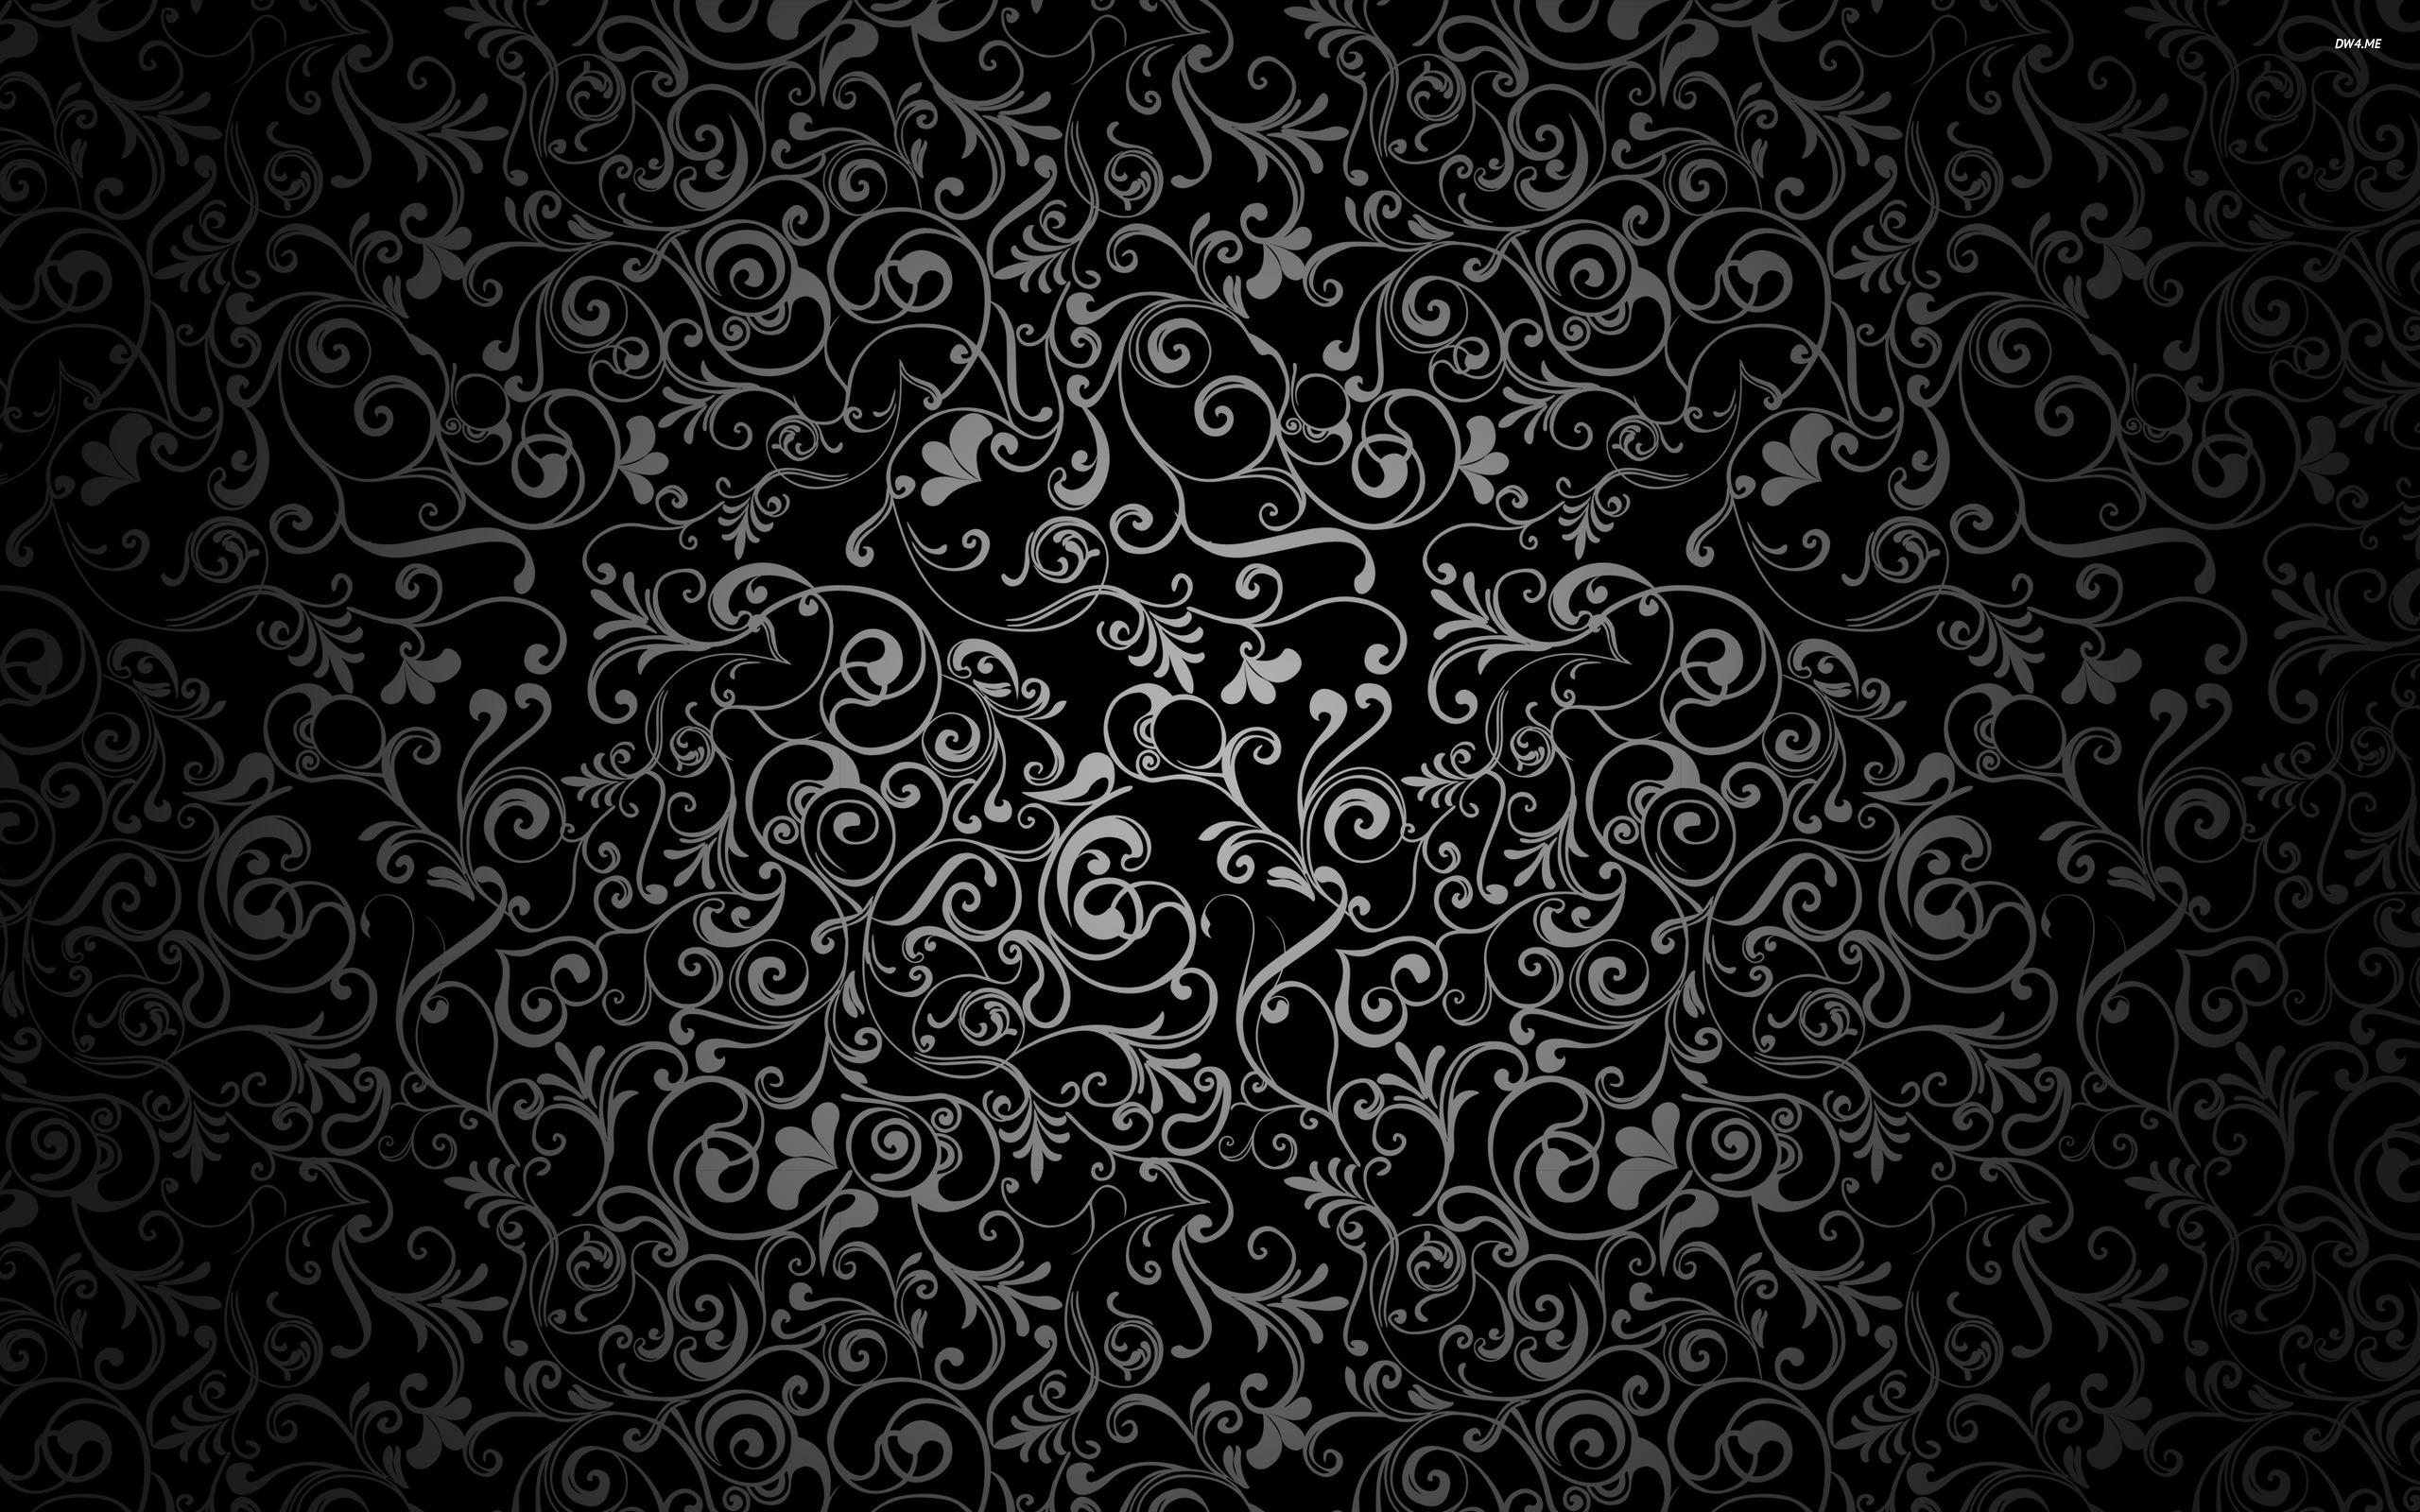 2560x1600 Floral Pattern Wallpaper